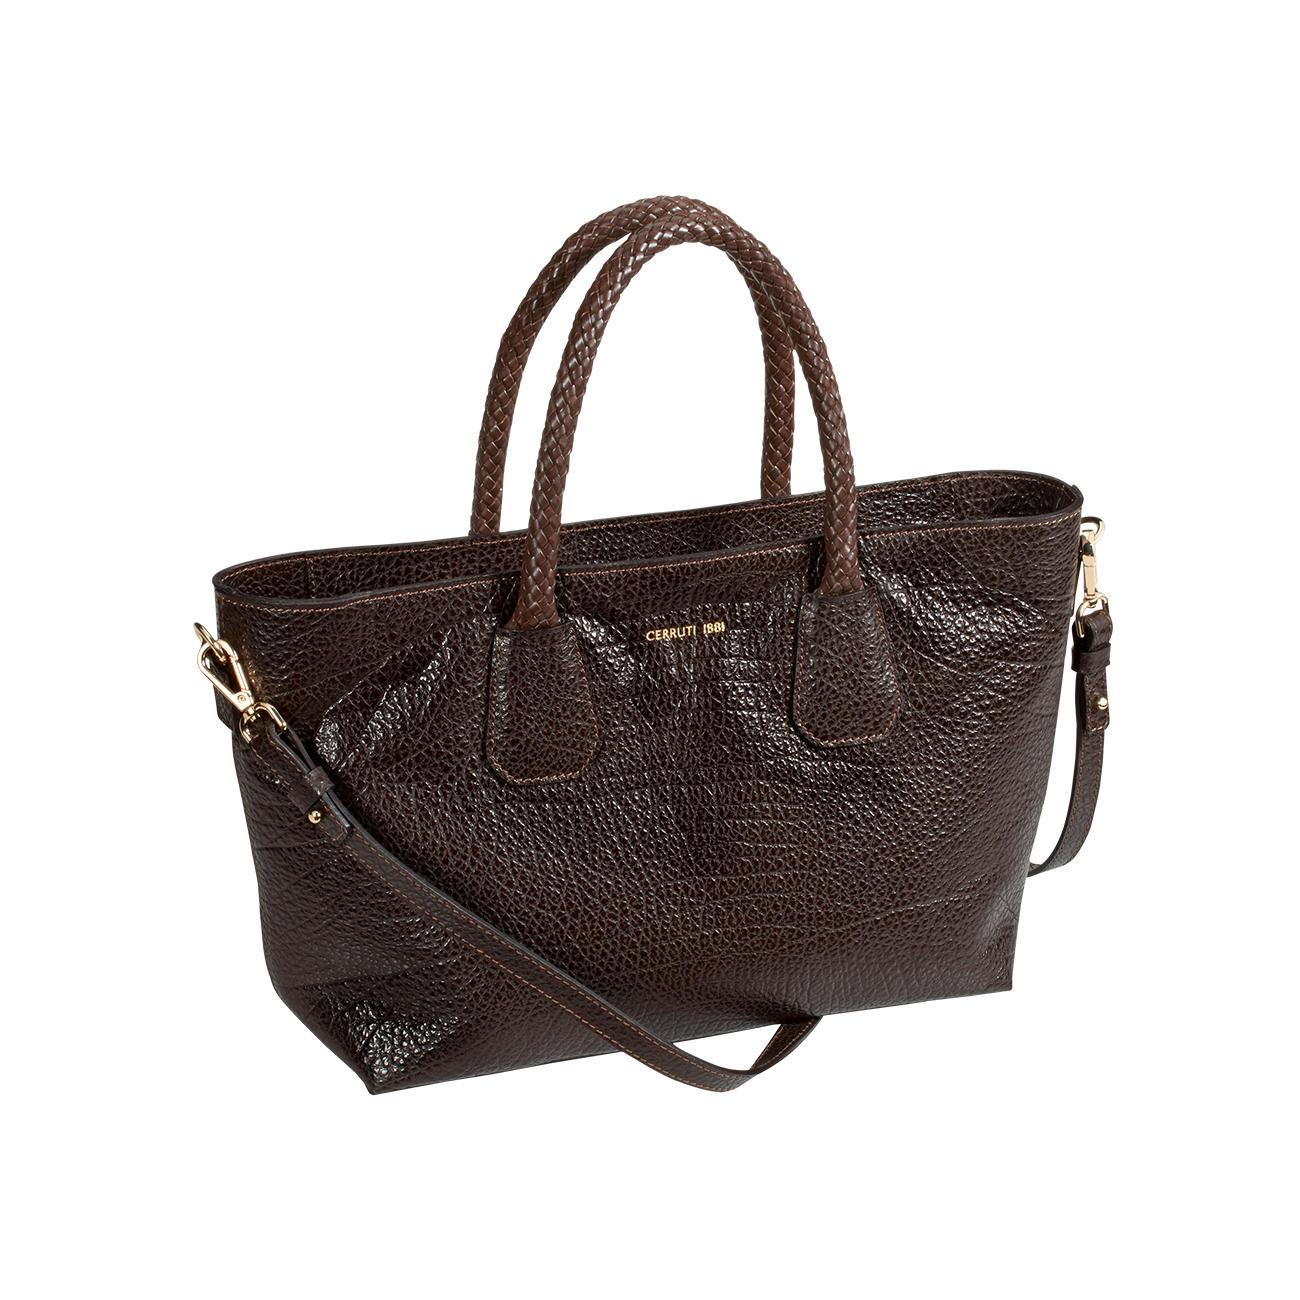 2c3bf6bf981 Cerruti 1881 tas van kalfsleer - Mooier dan veel andere trendy tassen:  designertas voor (